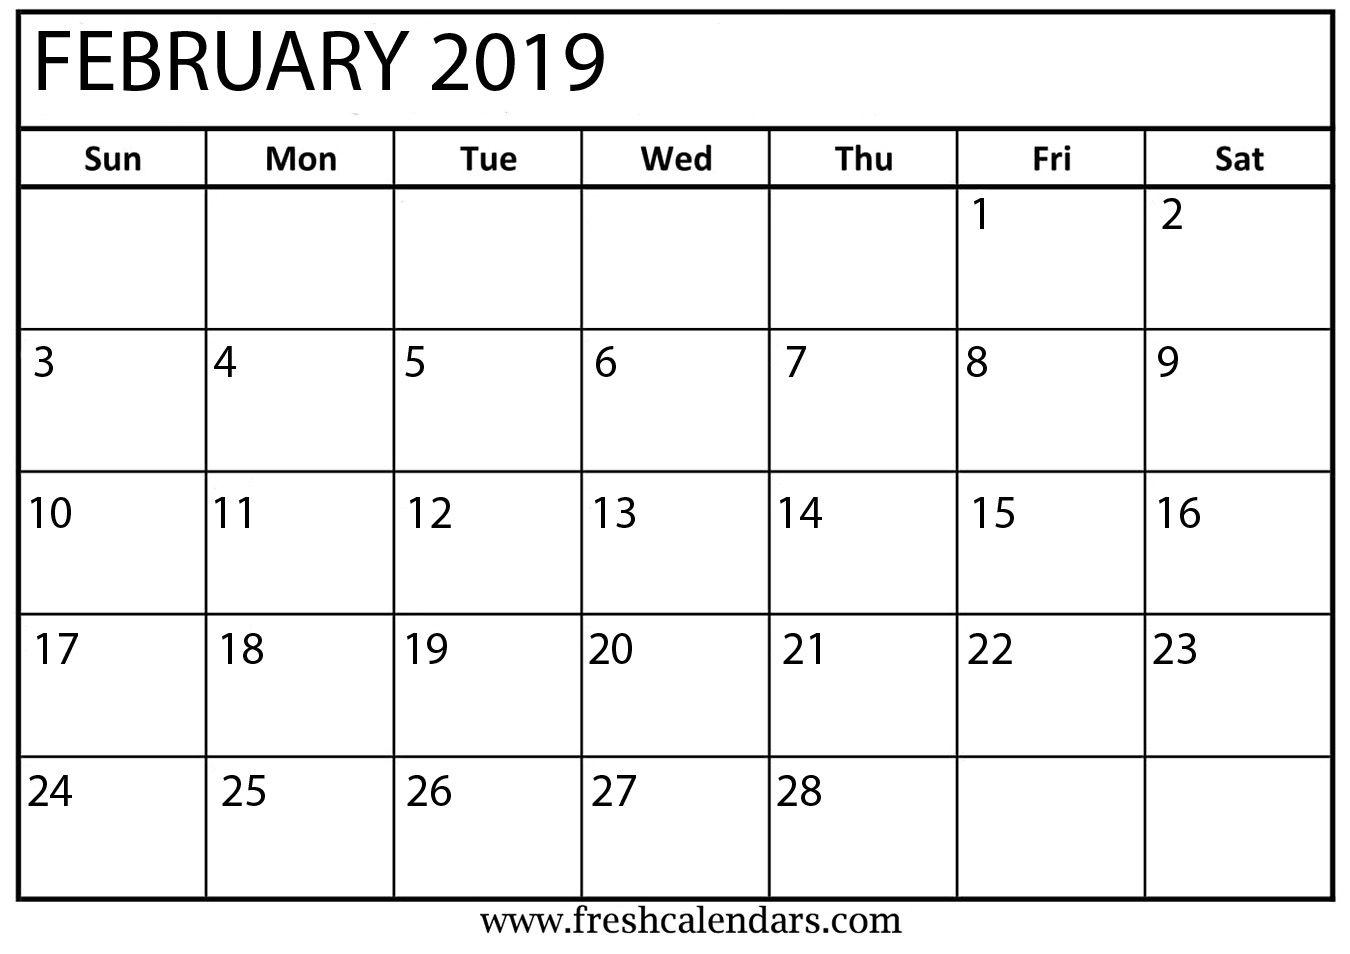 Feb Month Calendar 2019.February Month Calendar 2019 Blank Template Monthly Calendar